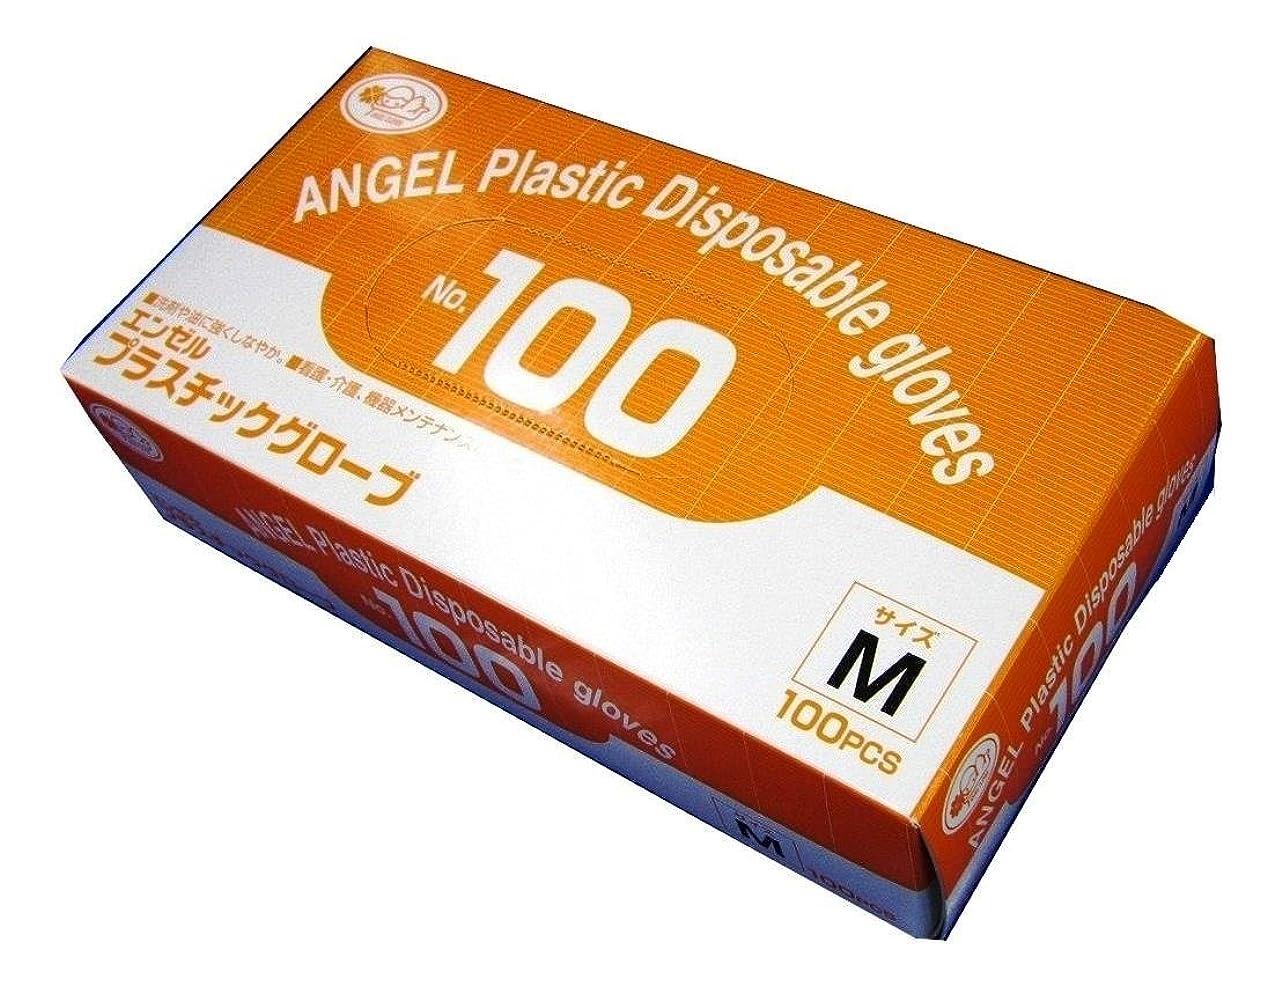 ホットスイス人しなやかなサンフラワー [ケース]No.100 プラスチックグローブ粉付 100枚×20箱 (M)